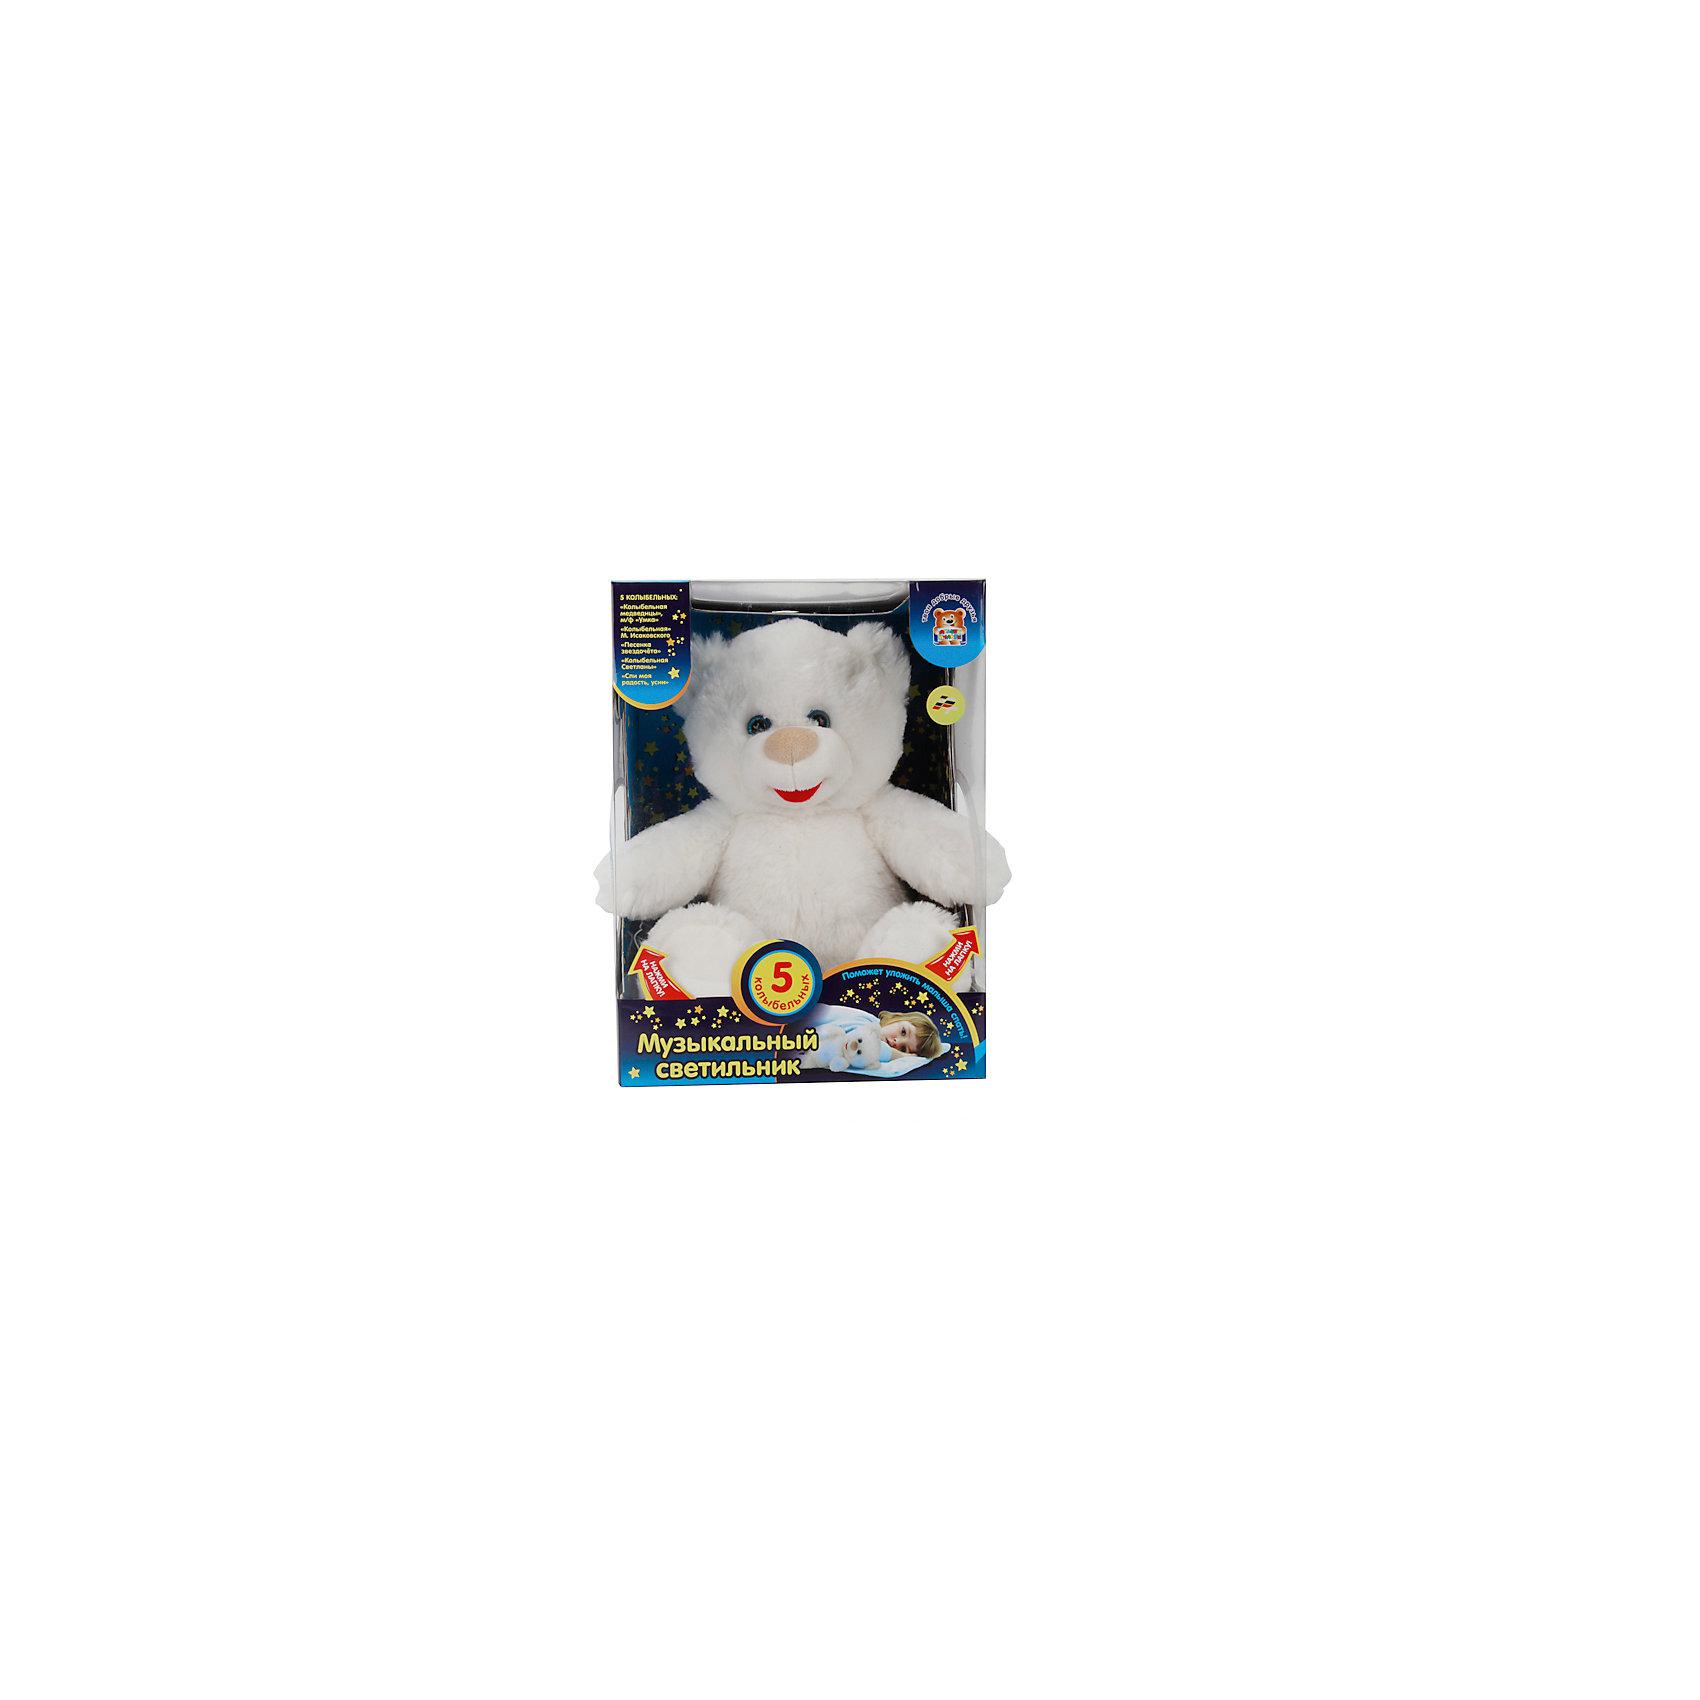 Интерактивная игрушка Лунный медвежонок, МУЛЬТИ-ПУЛЬТИИнтерактивные игрушки для малышей<br>Этот замечательный мягкий медвежонок станет лучшим другом вашего малыша. Он поможет крохе уснуть, успокоив его нежными колыбельными, надо лишь нажать на левую лапку мишки. Если повторить нажатие, замигают разноцветные огоньки. Уровень громкости регулируется с помощью кнопки, расположенной на нижней левой лапке игрушки. Лунный медвежонок подарит вашему малышу добрые и хорошие сны на всю ночь! <br><br>Дополнительная информация:<br><br>- Материал: мех, пластик.<br>- Размер: 27 см.<br>- Звуковые, световые эффекты. <br>- 5 колыбельные песен. <br>- Возможность выбора колыбельной (кнопка на правой лапе).<br>Элемент питания: 3 ААА батарейки (входят в комплект). <br><br>Интерактивную игрушку Лунный медвежонок, МУЛЬТИ-ПУЛЬТИ, можно купить в нашем магазине.<br><br>Ширина мм: 320<br>Глубина мм: 220<br>Высота мм: 220<br>Вес г: 860<br>Возраст от месяцев: 3<br>Возраст до месяцев: 72<br>Пол: Унисекс<br>Возраст: Детский<br>SKU: 4281691